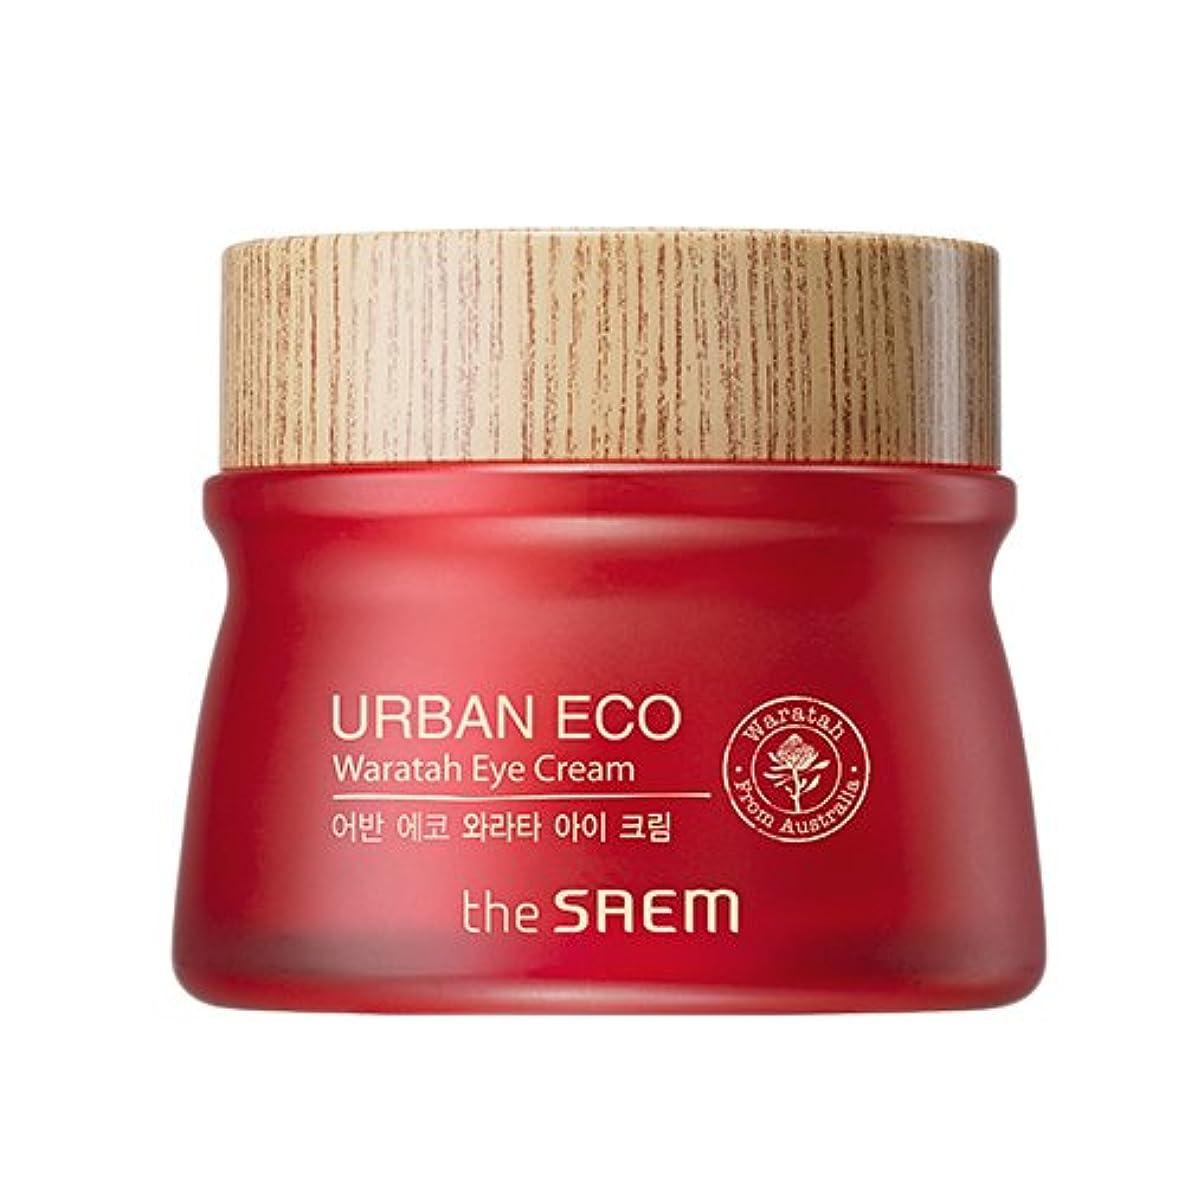 薄める必要条件スカートドセム アーバンエコワラターアイクリーム 30ml Urban Eco Waratah Eye Cream [並行輸入品]